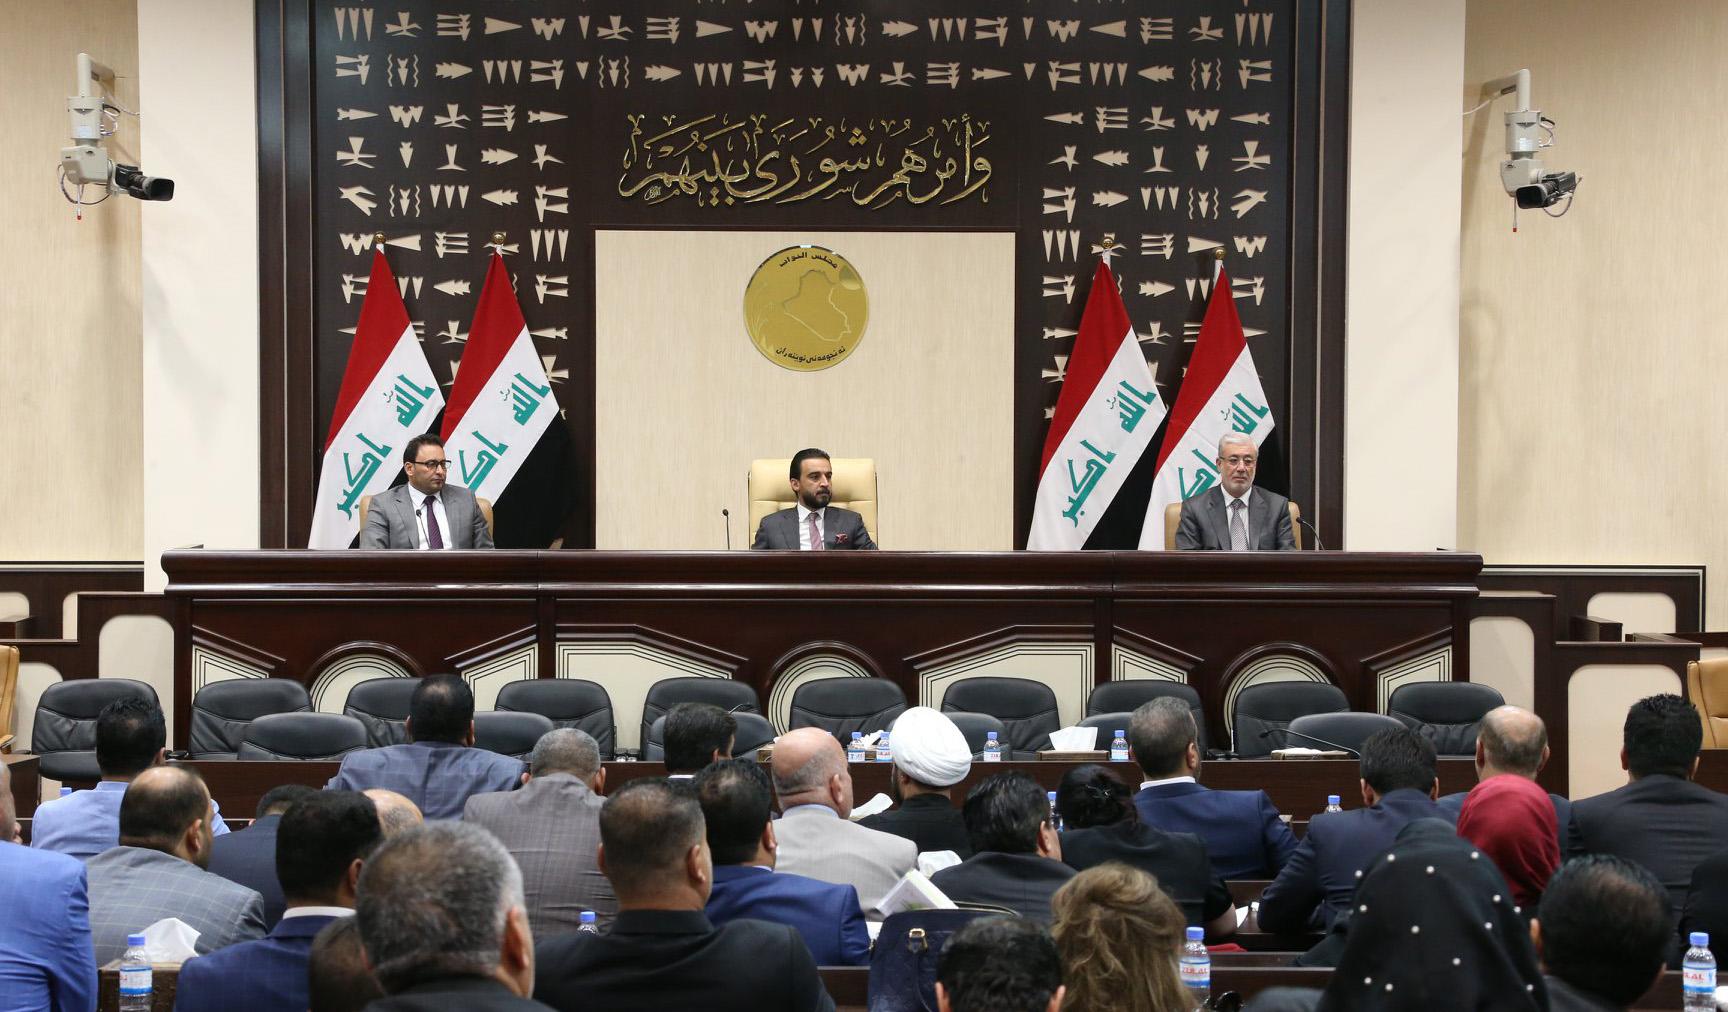 استضافة قادة امنيين كبار في البرلمان لمناقشة حادث تفجير كربلاء